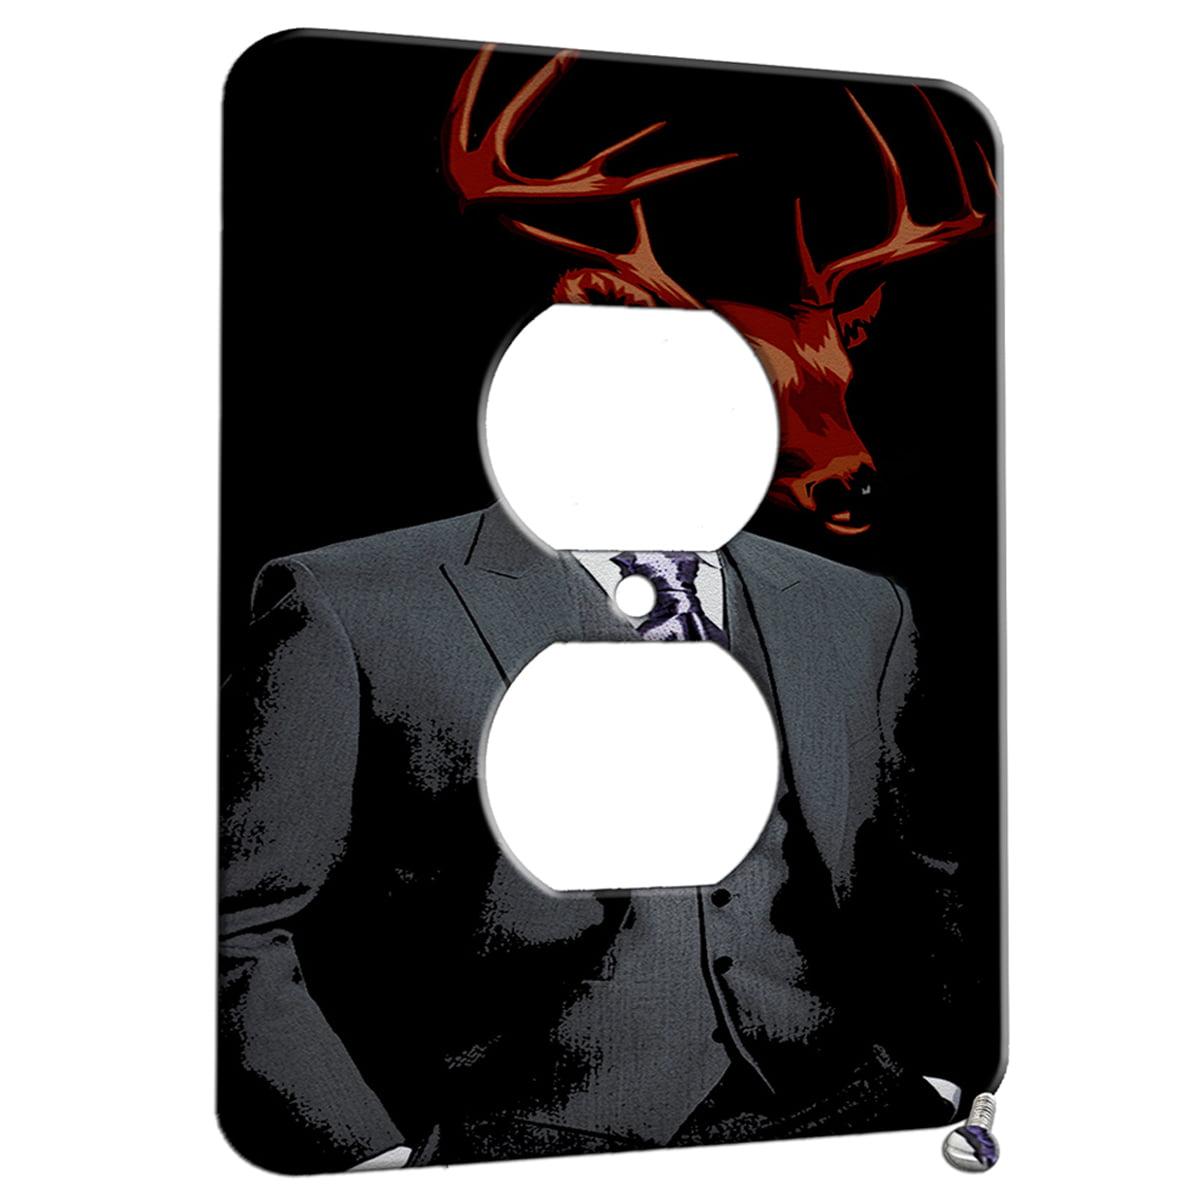 Dapper Deer Suit Design 1 Gang Duplex Outlet Wall Plate Metal Walmart Com Walmart Com